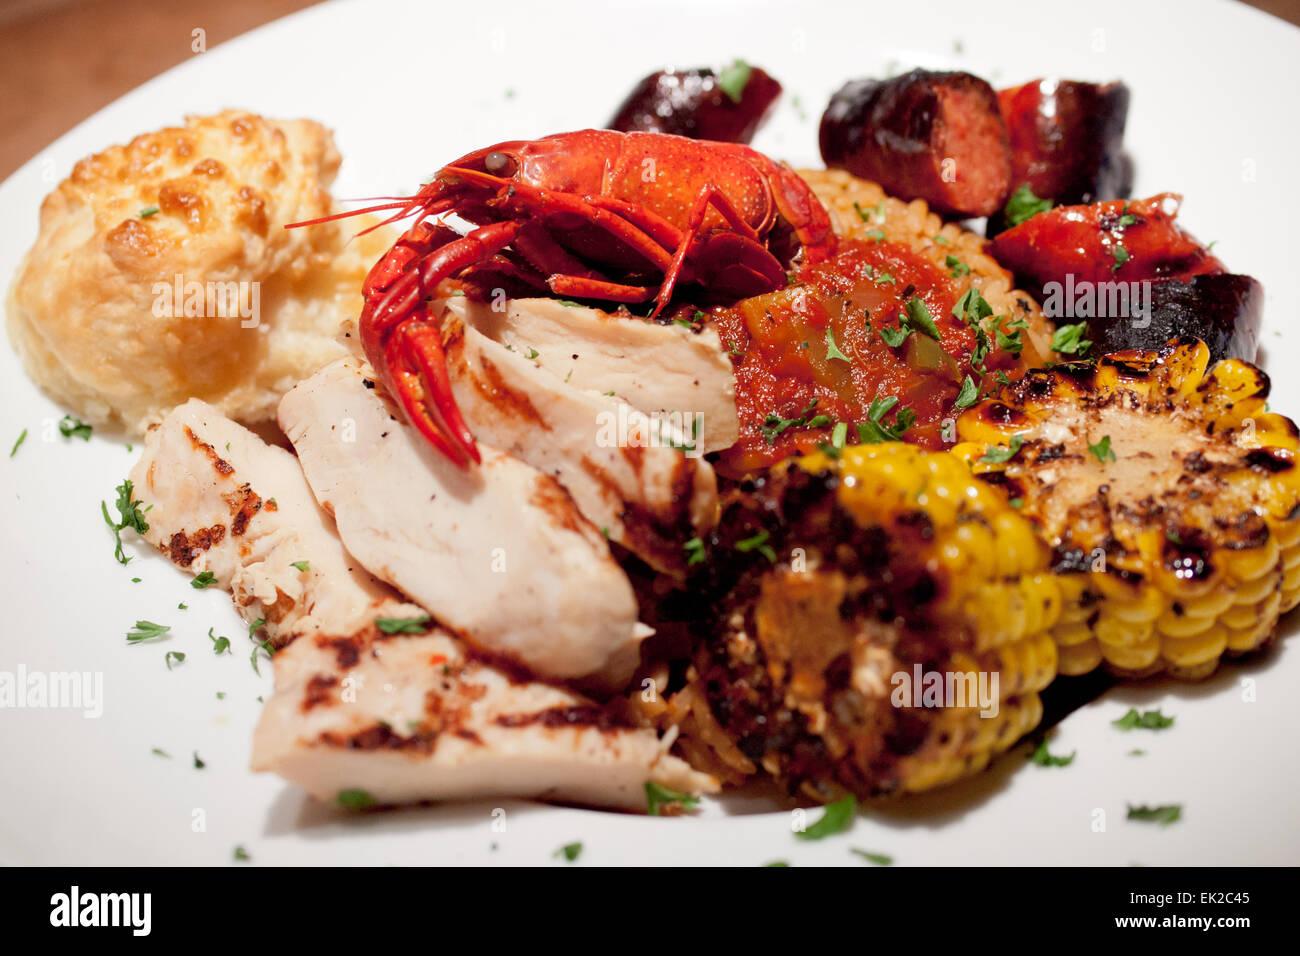 Yellow Bowl Restaurant Louisiana Menu